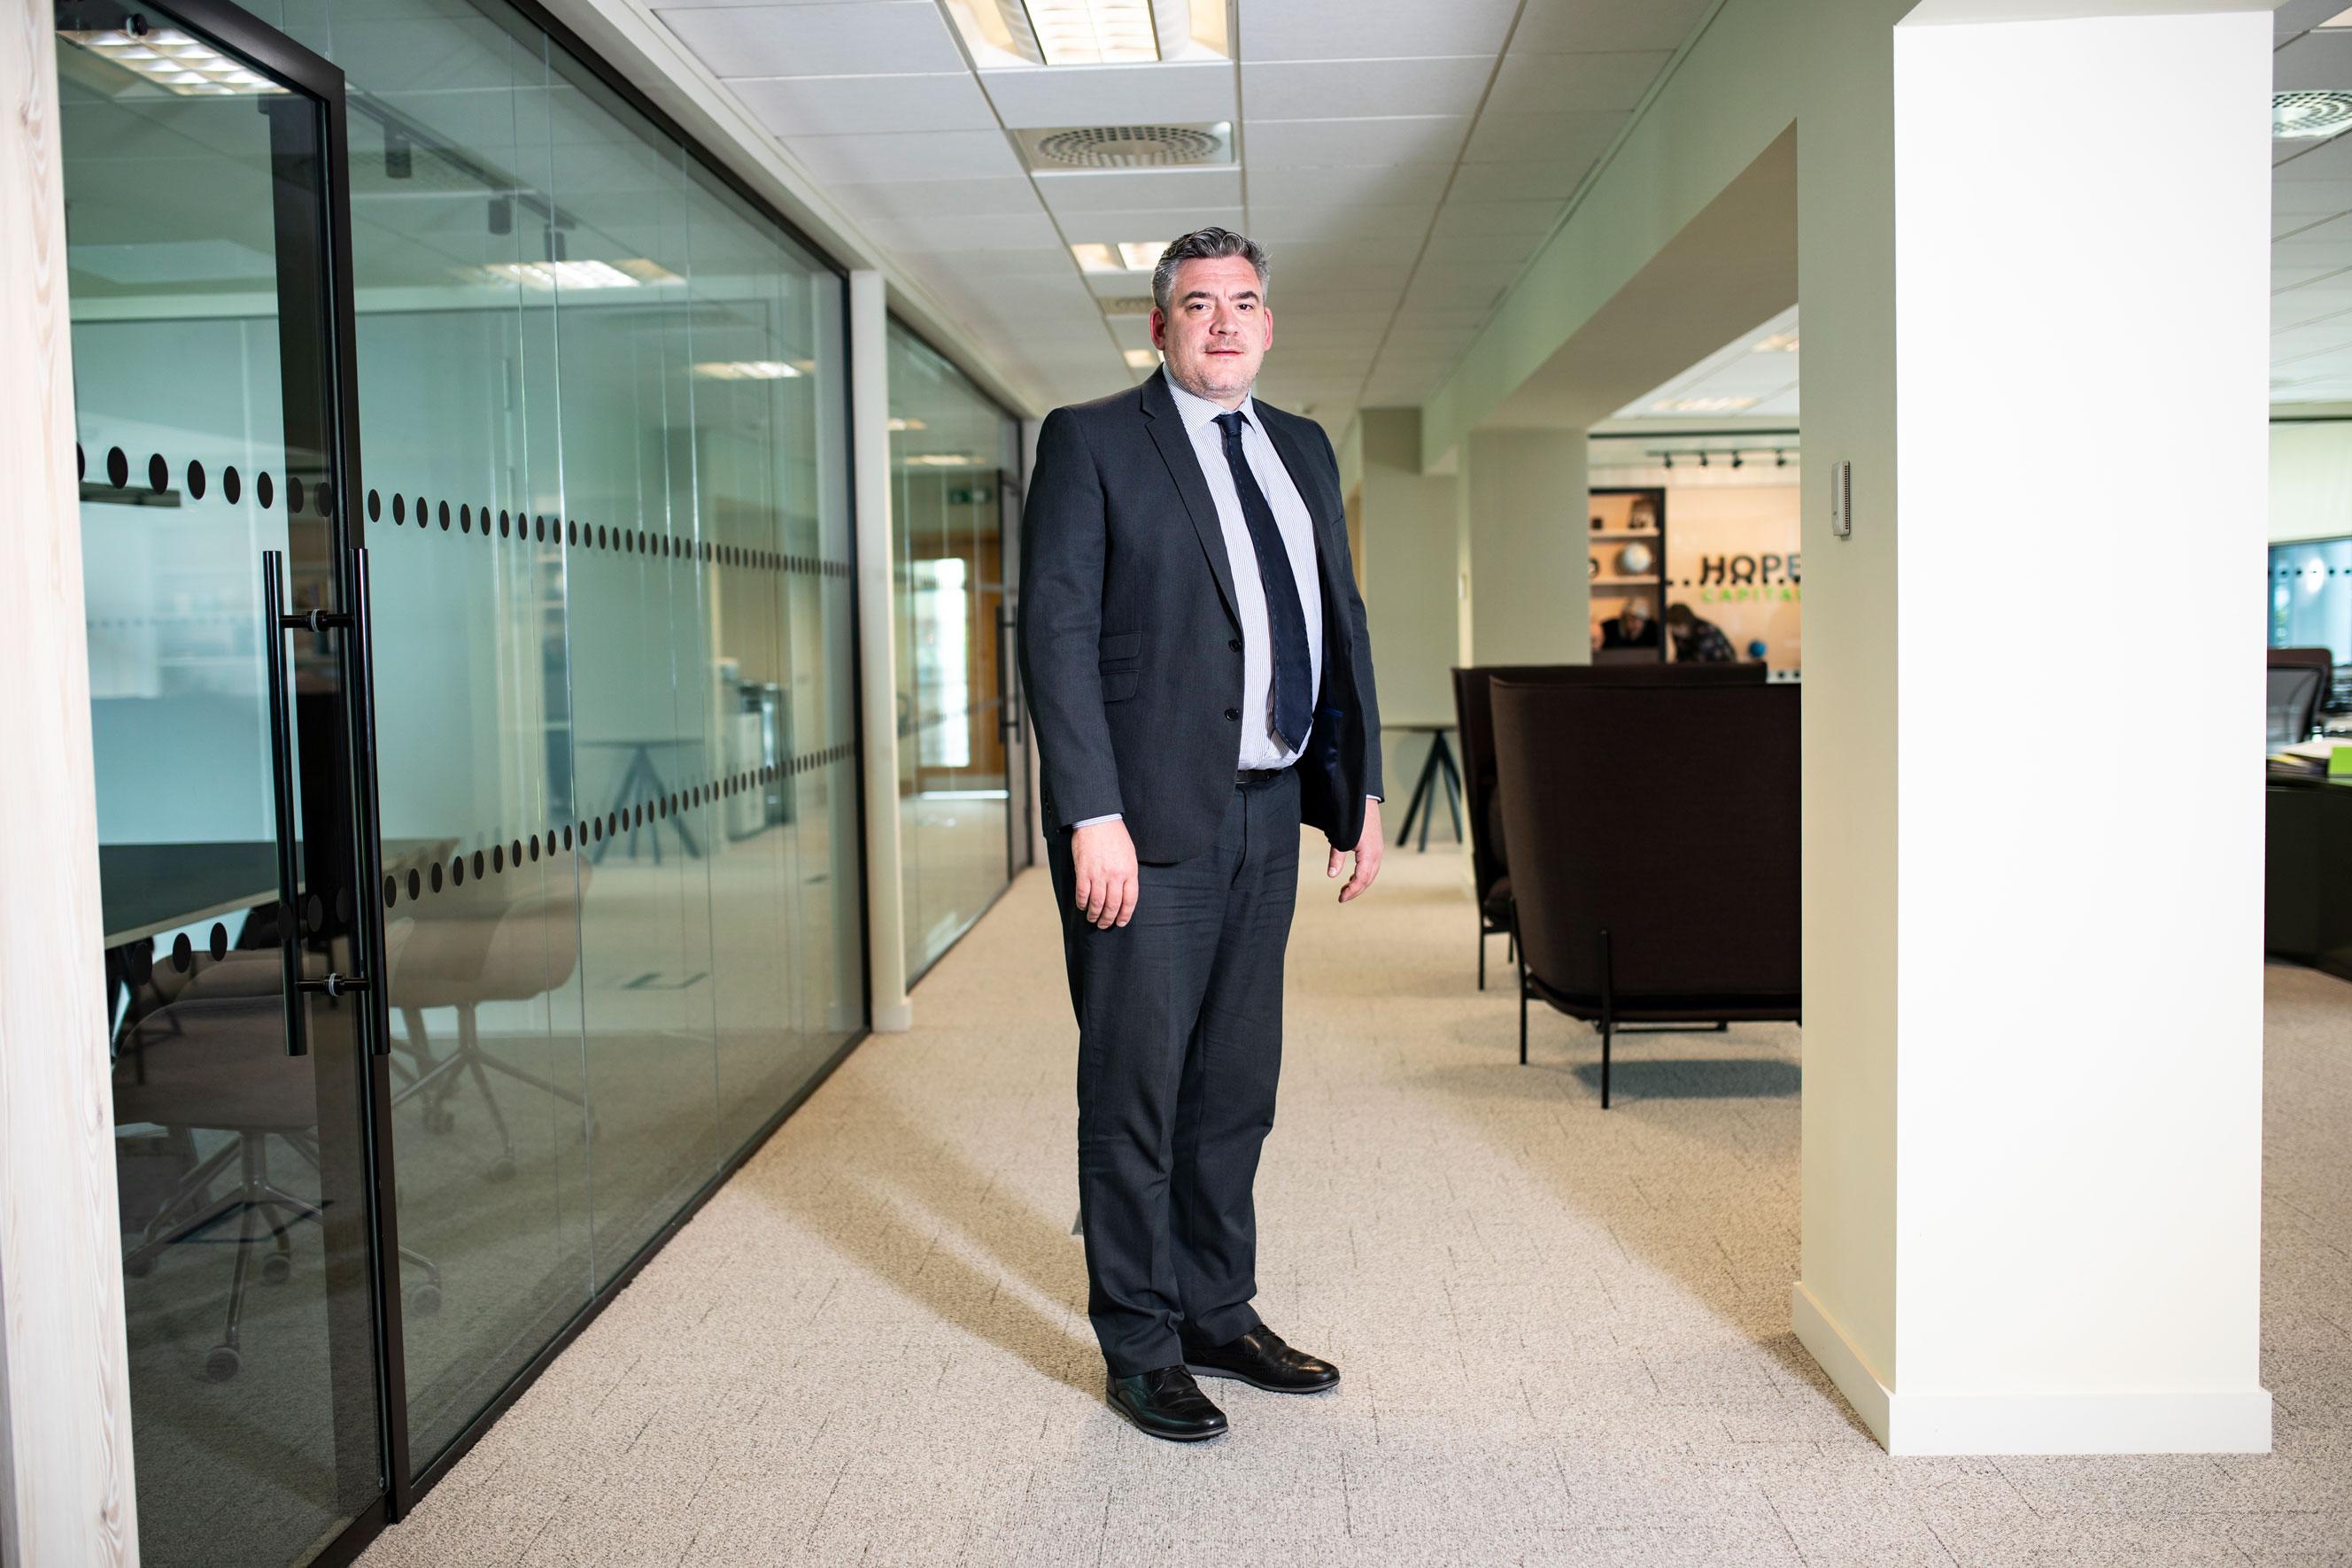 Chris Buckley Hope Capital